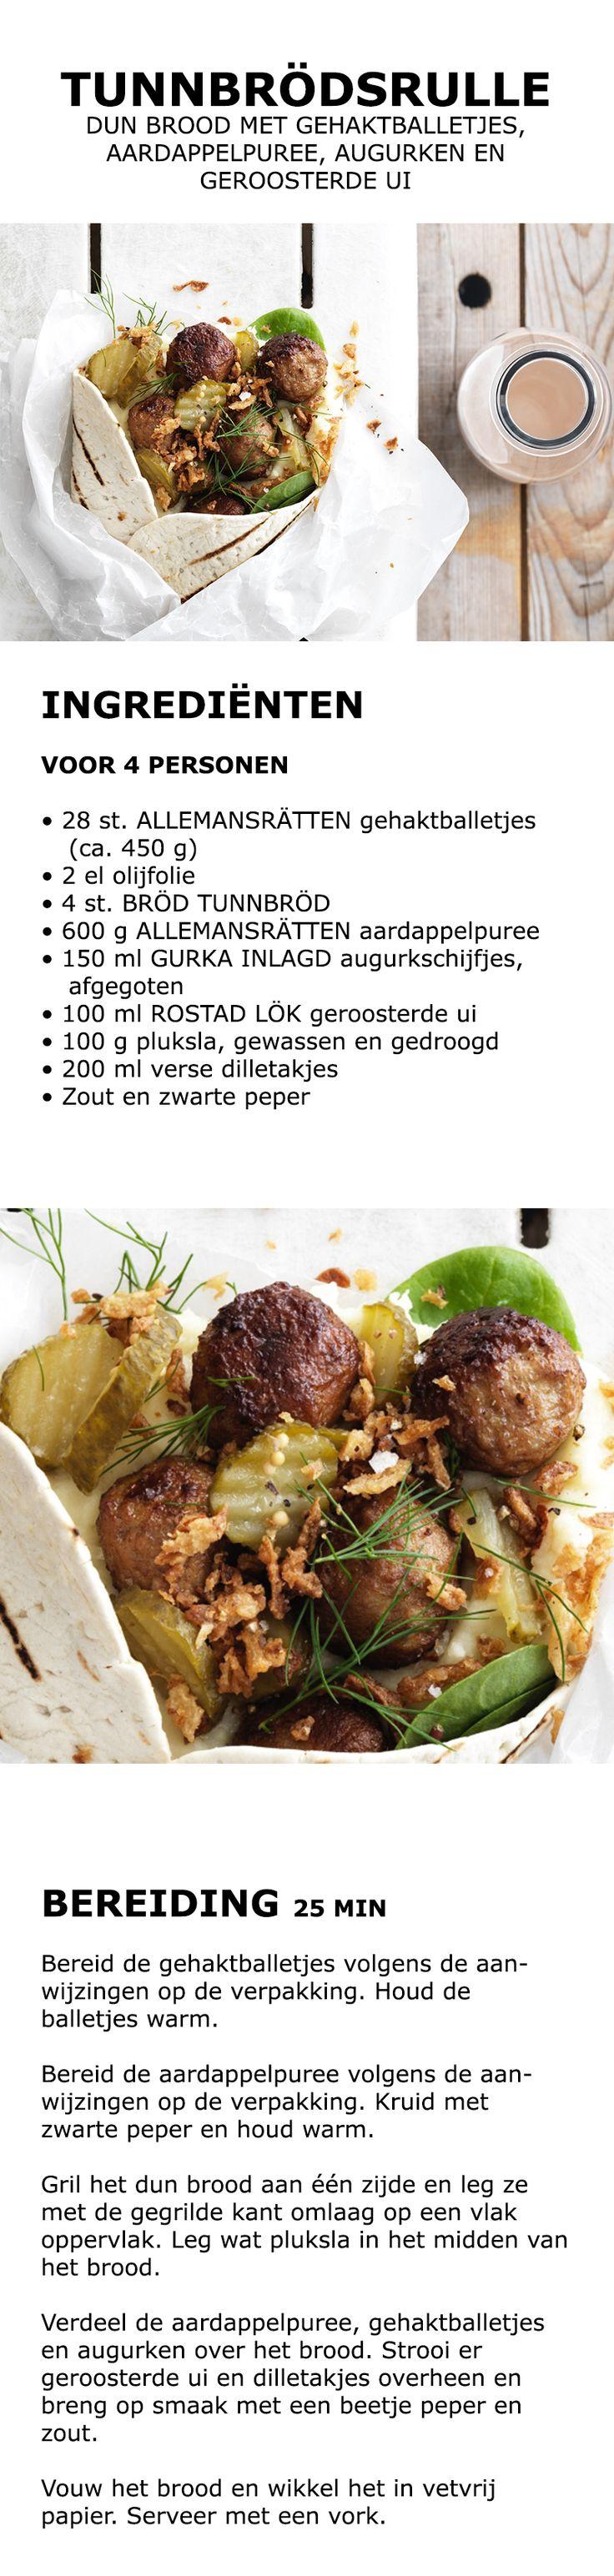 Inspiratie voor de feestdagen - Tunnbrödsrulle, dun brood met gehaktballetjes, aardappelpuree, augurken en geroosterde ui | IKEA IKEAnederland koken keuken recept herfst winter kerst diner lunch zweeds gerecht menu